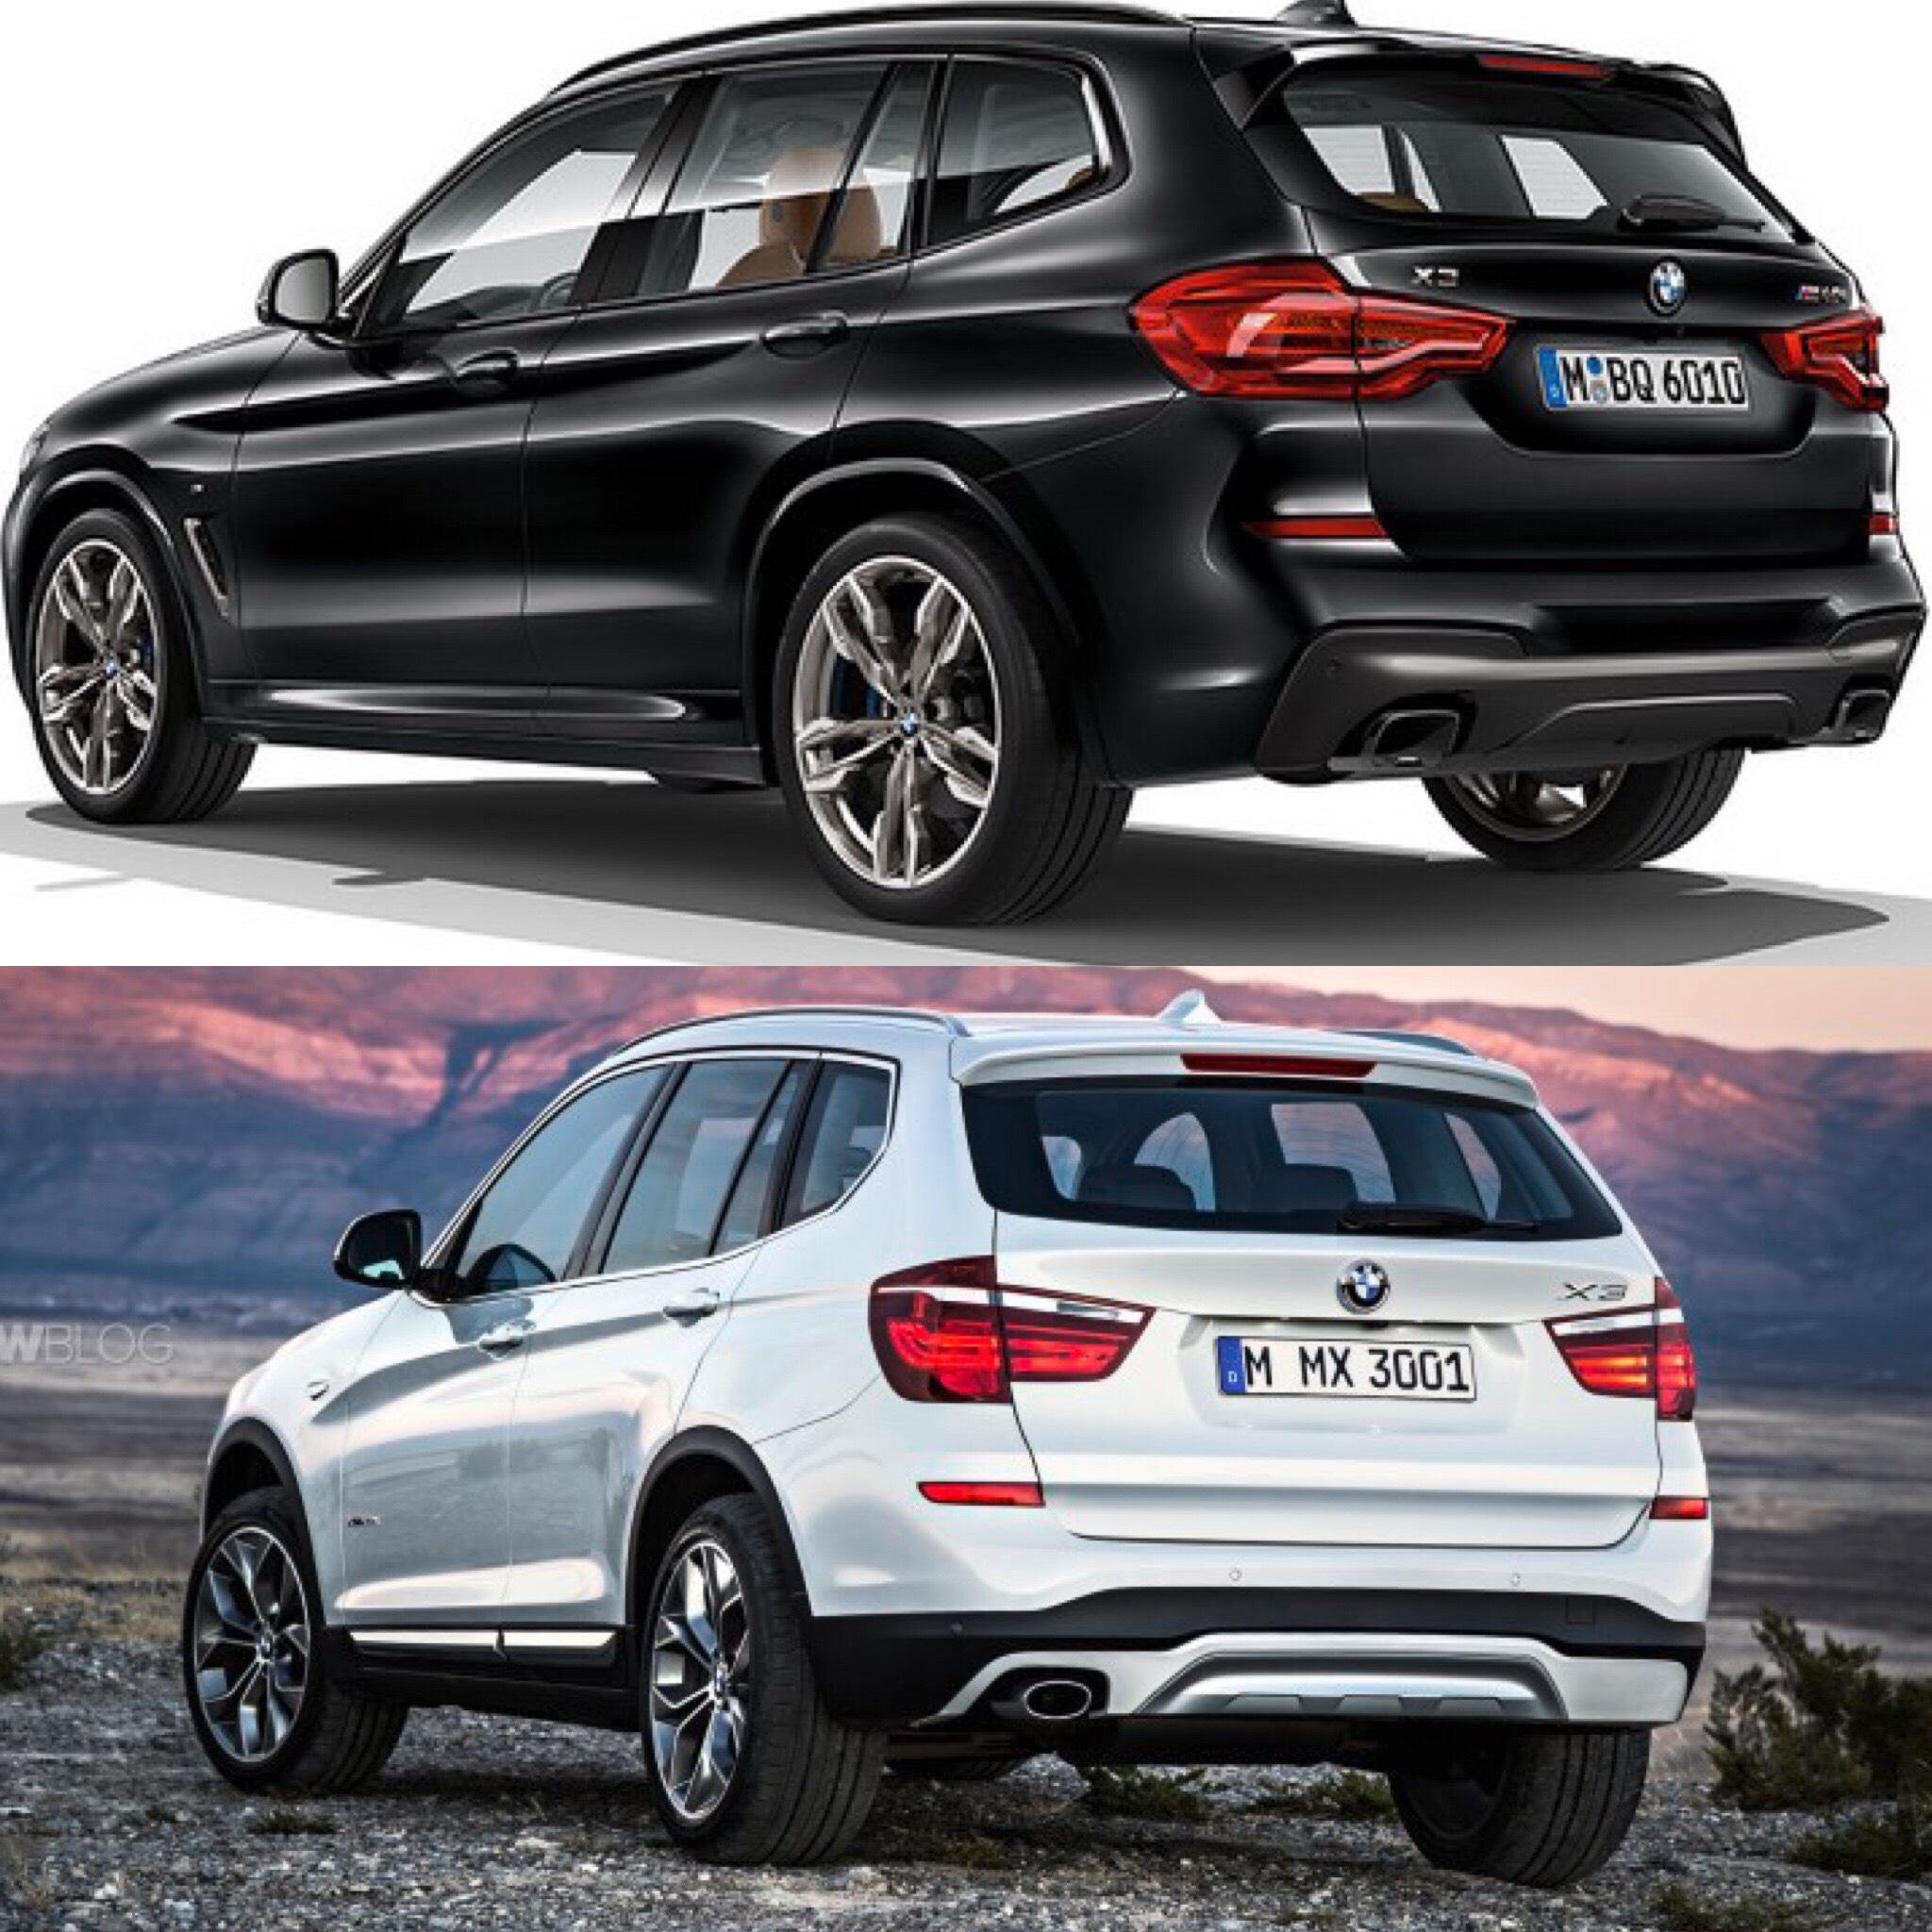 Bmw2017: Photo Comparison: G01 BMW X3 Vs F25 BMW X3